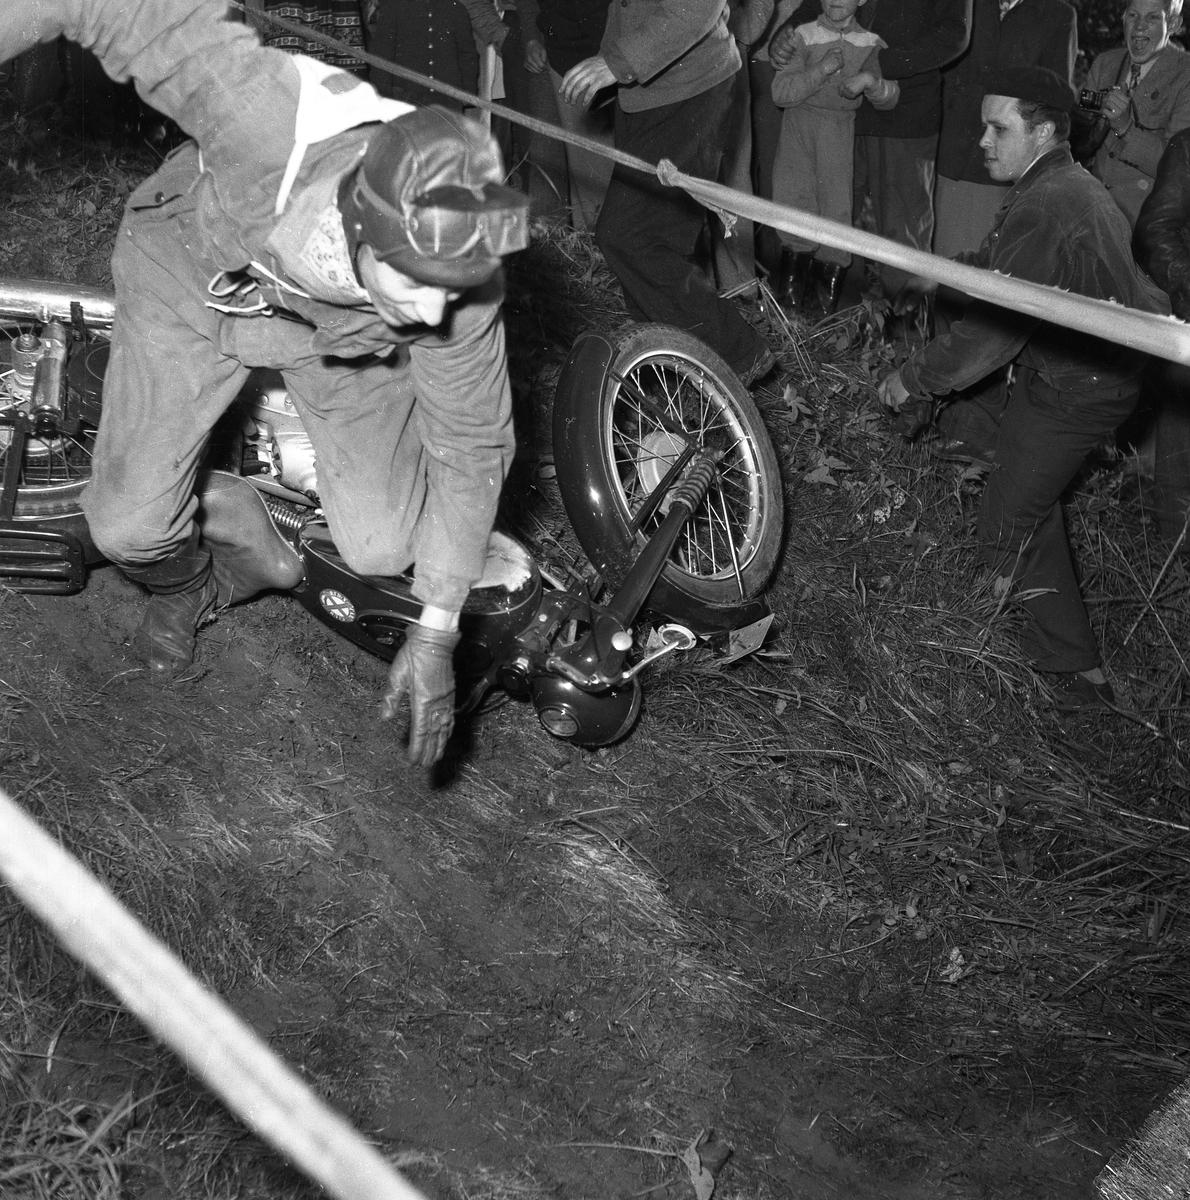 Arbogas Stjärnknutte Tävling i terrängkörning med motorcykel. En man har kört omkull. Han har vindglasögonen i pannan. Publiken står alldeles intill i backen.